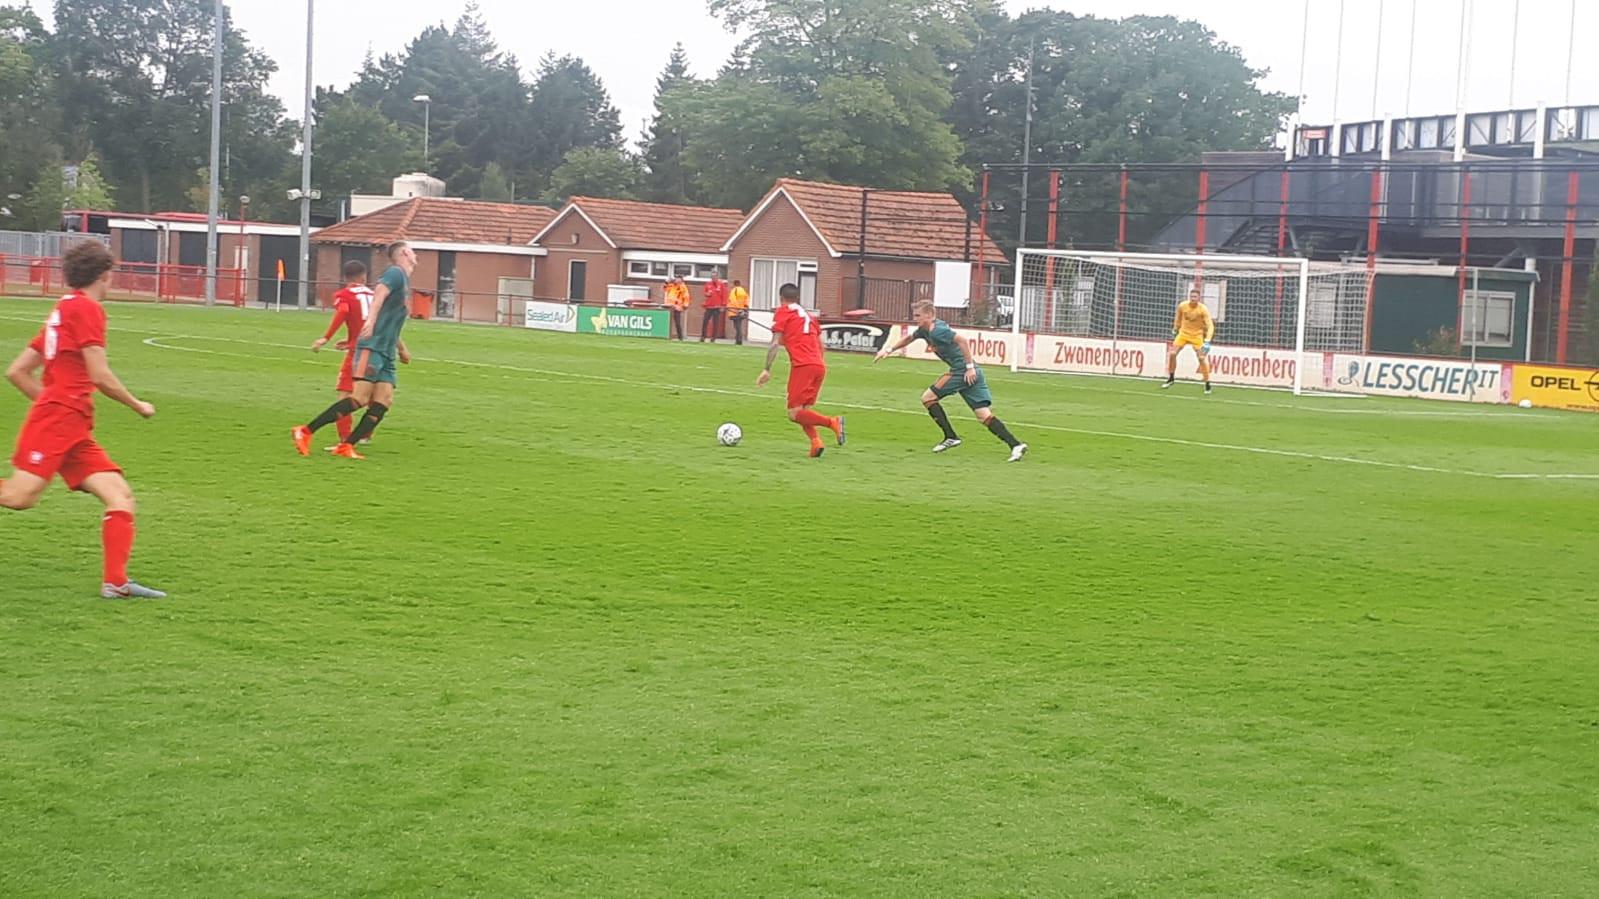 Jong FC Twente verloor in Hengelo met 3-0 van FC Groningen.